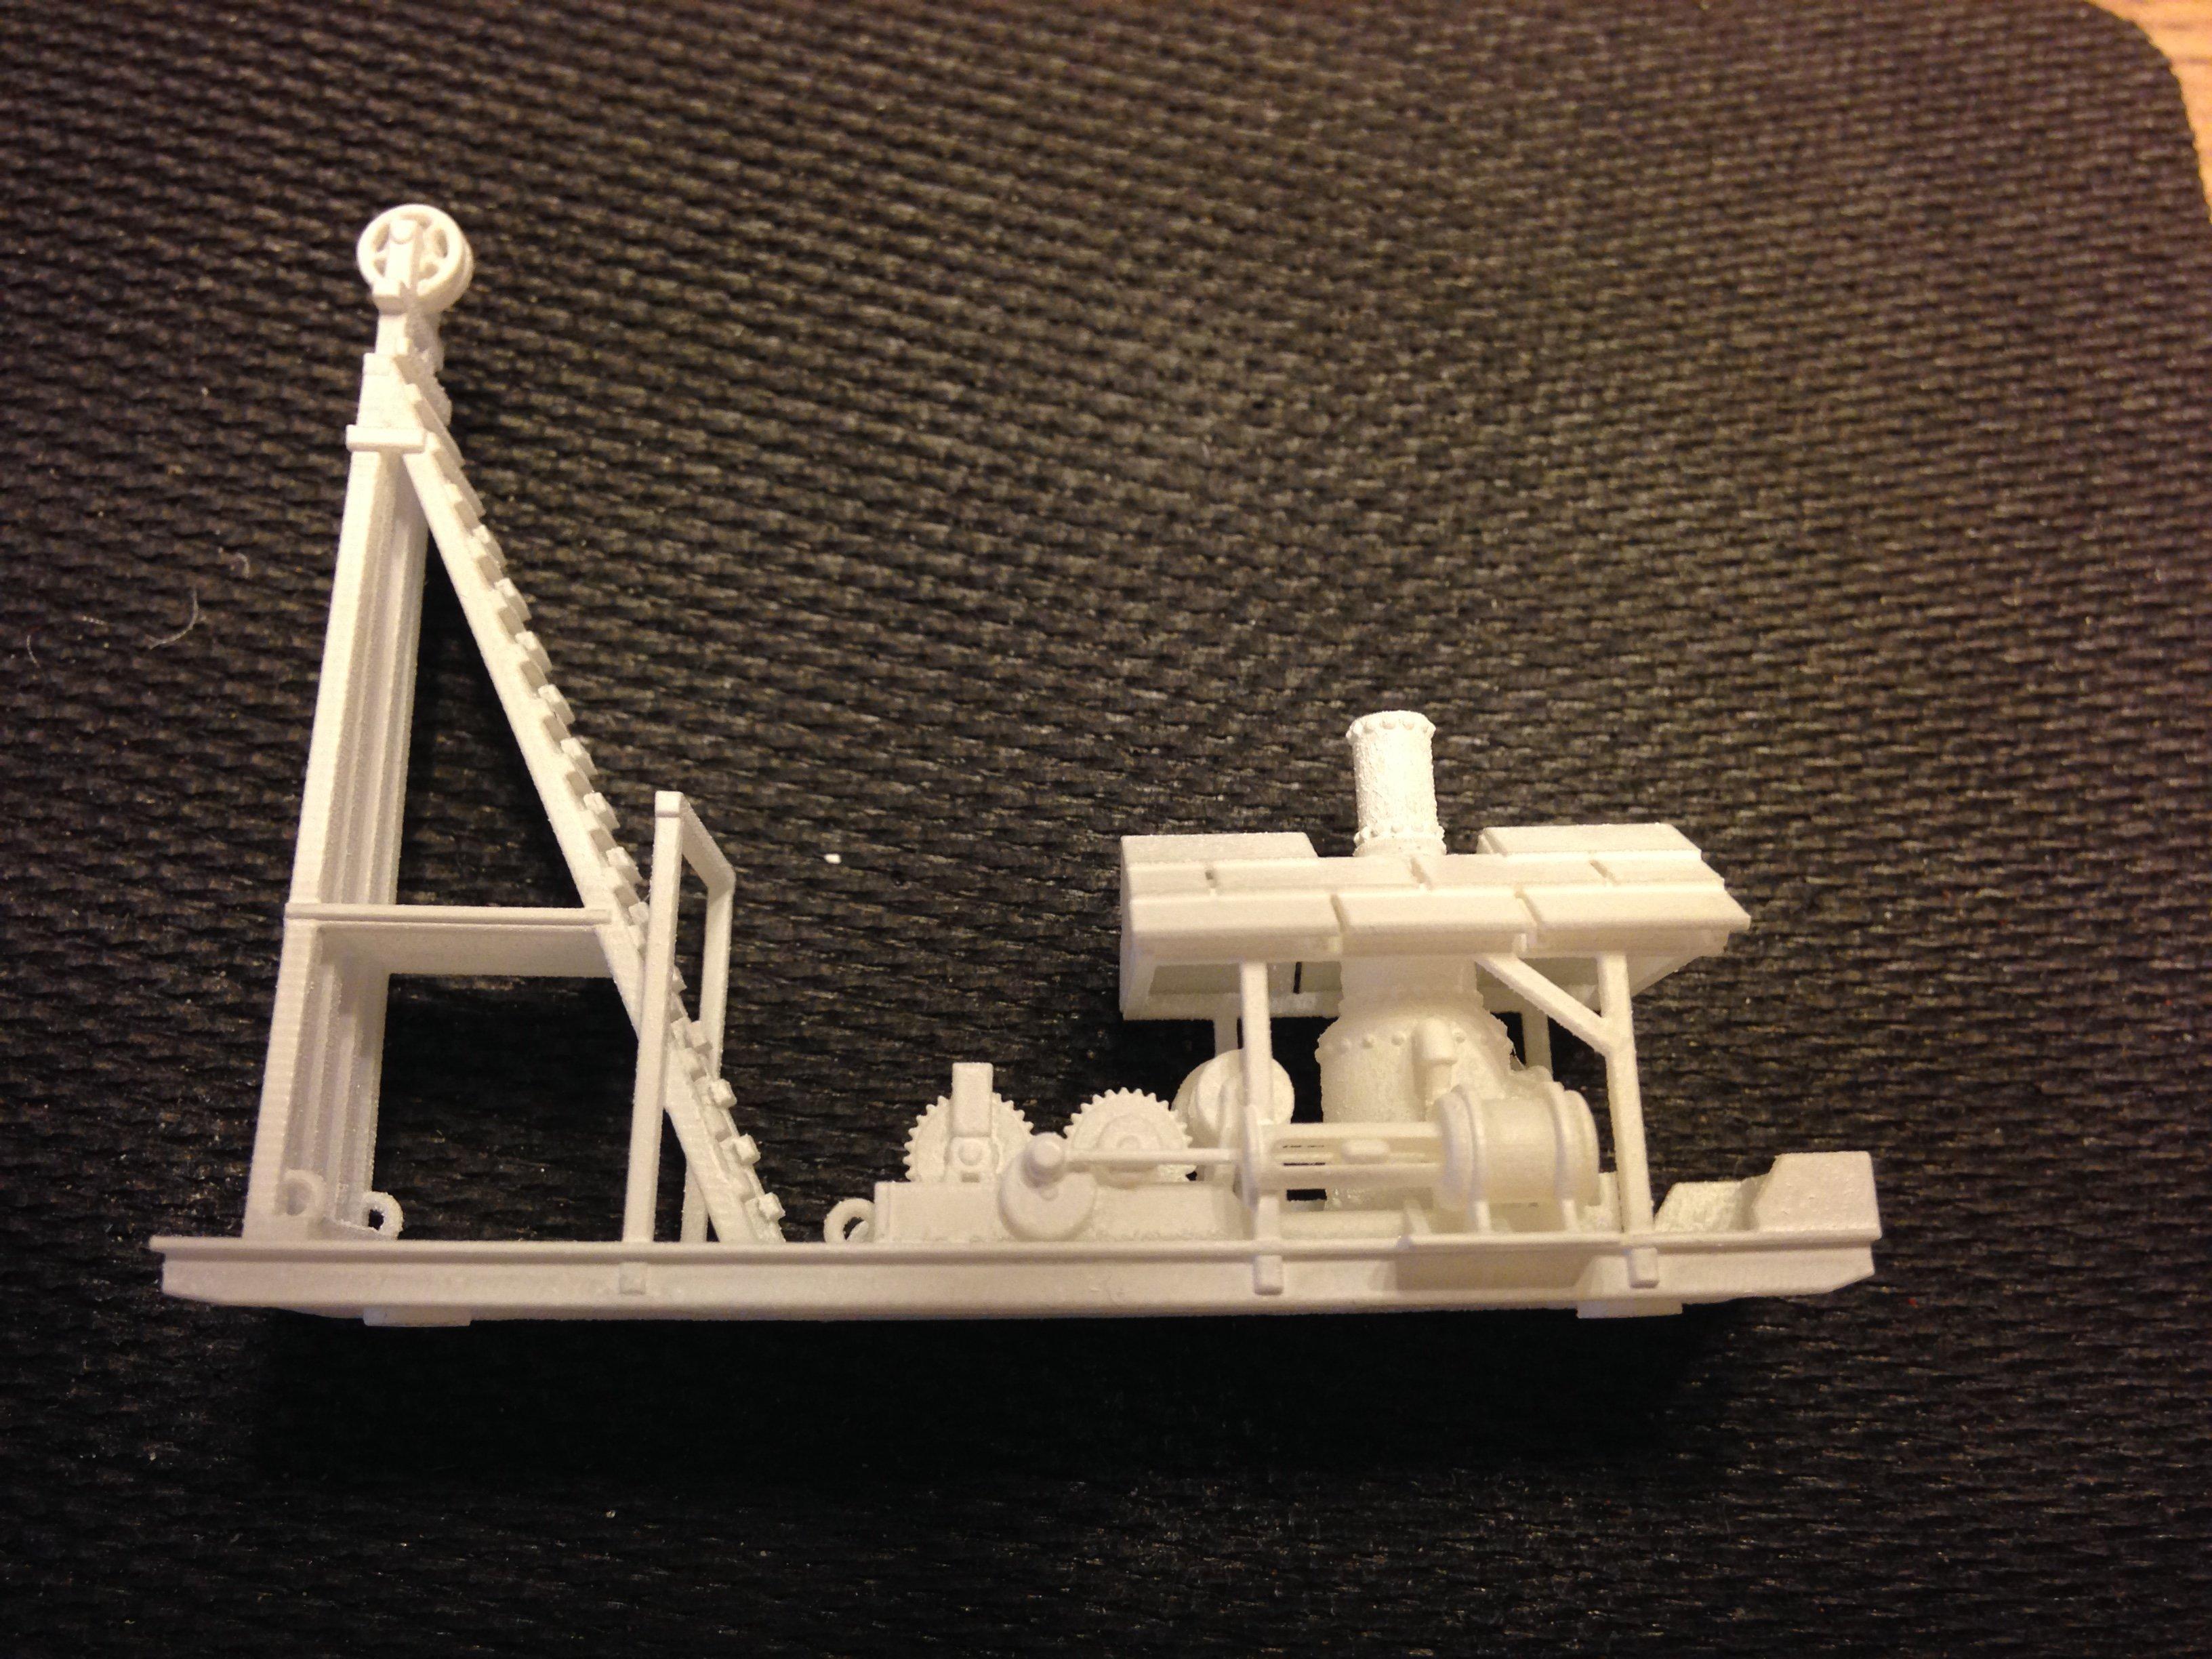 Rivet Details - Ho Scale | Shapeways 3D Printing Forums